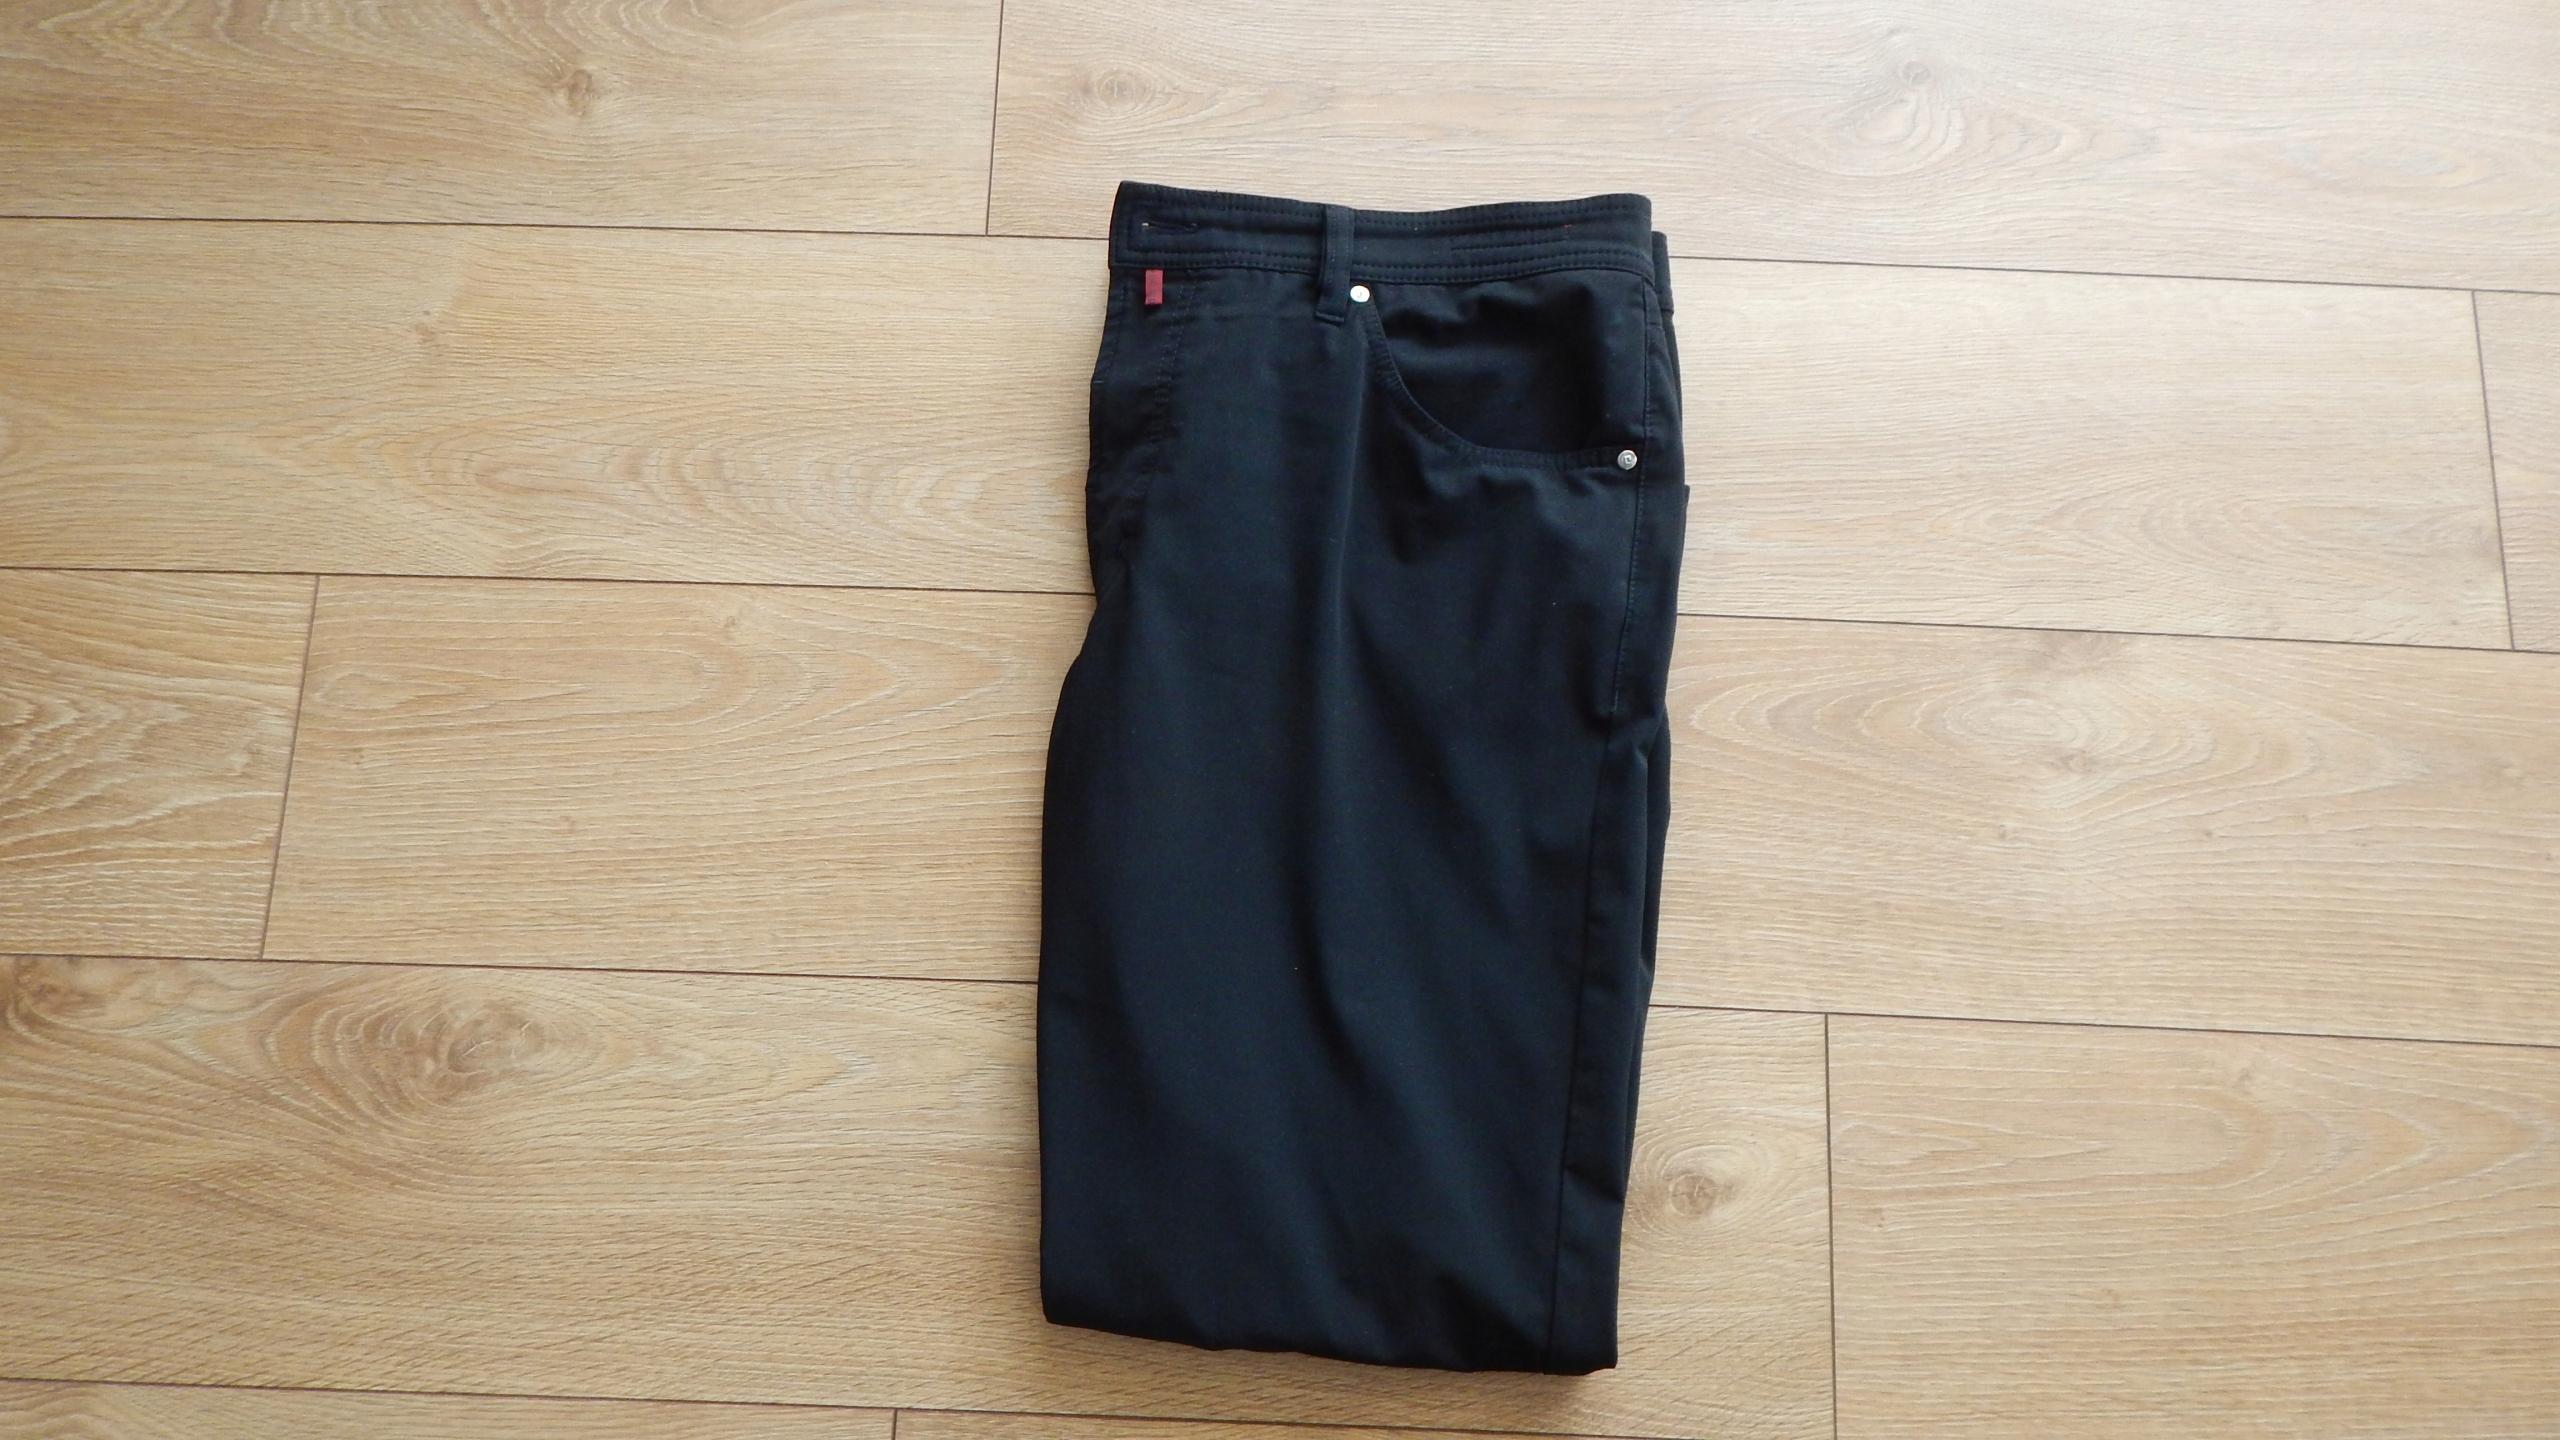 Pierre Cardin Spodnie Czarne 40/32